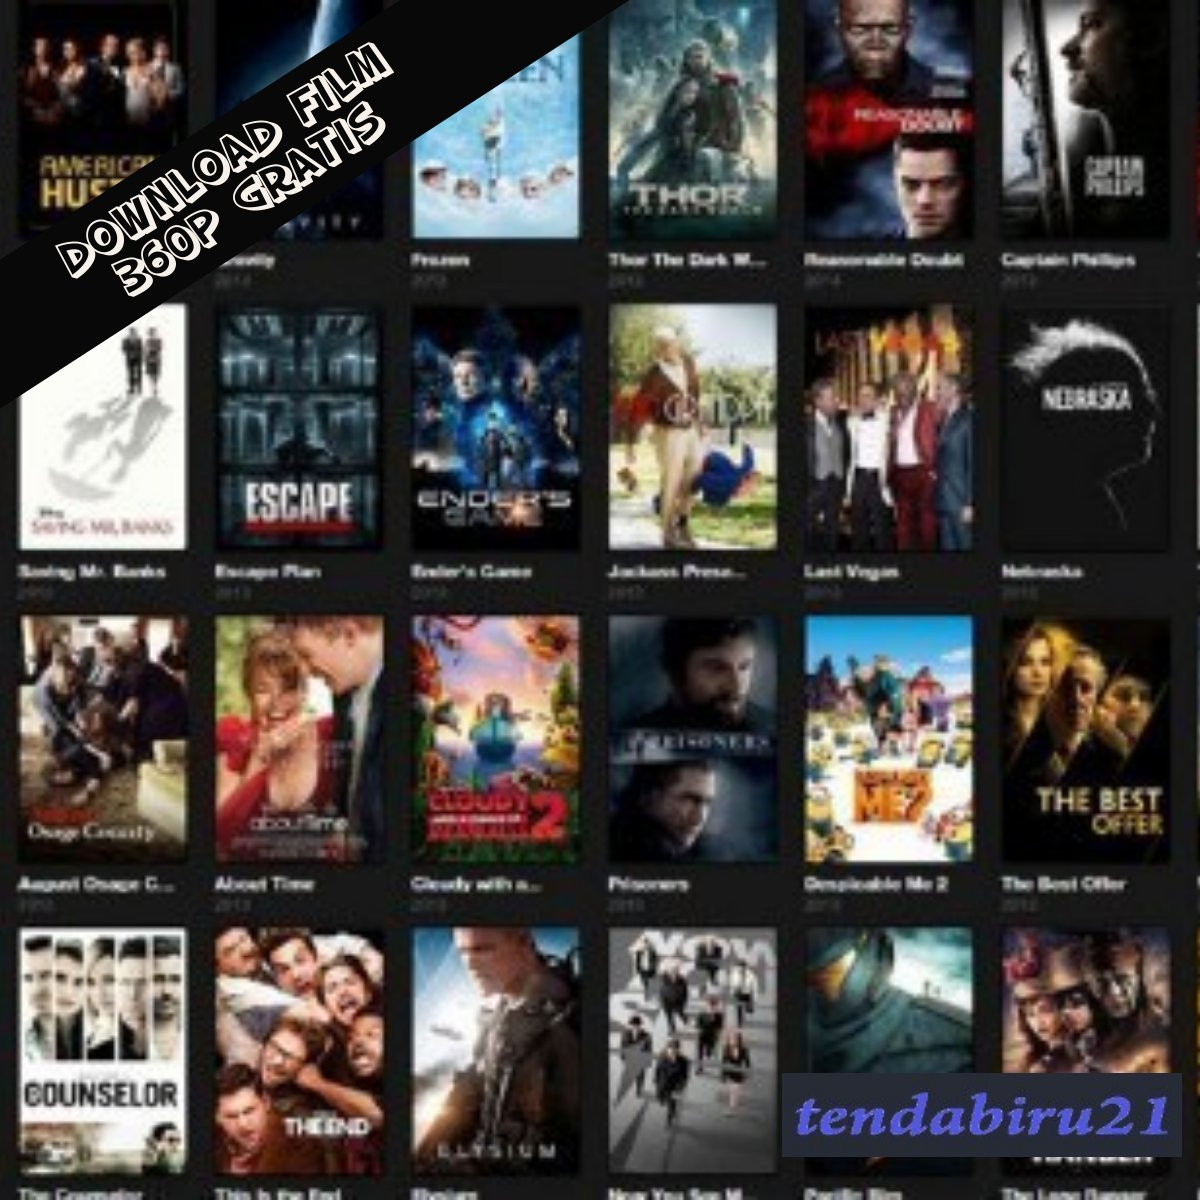 Download film 360p subtitle indo